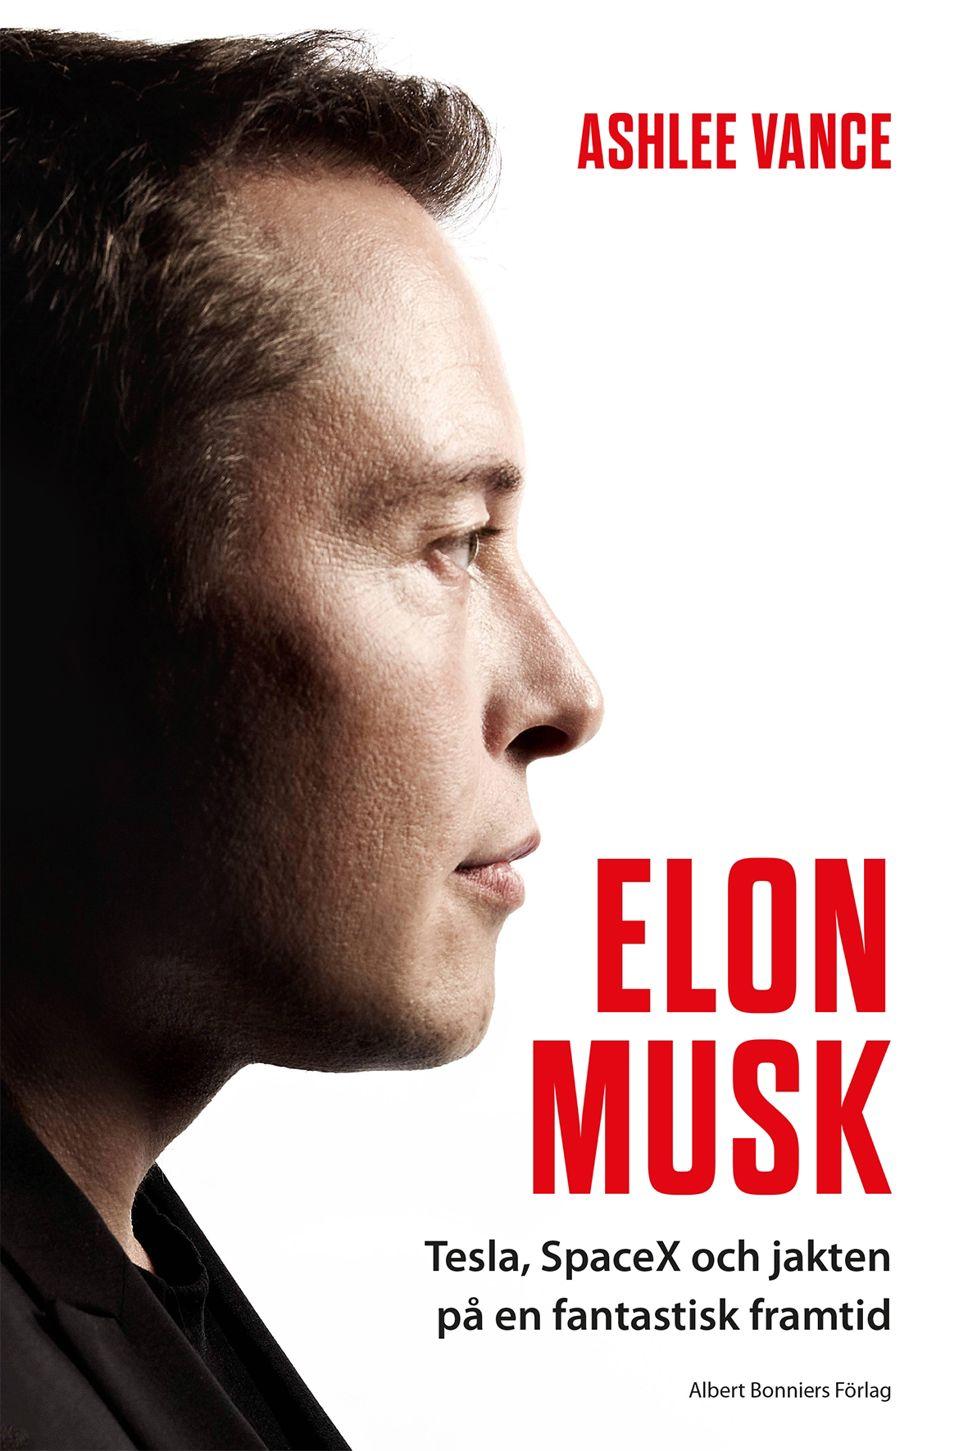 Elon Musk: Tesla, SpaceX och jakten på en fantastisk framtid.